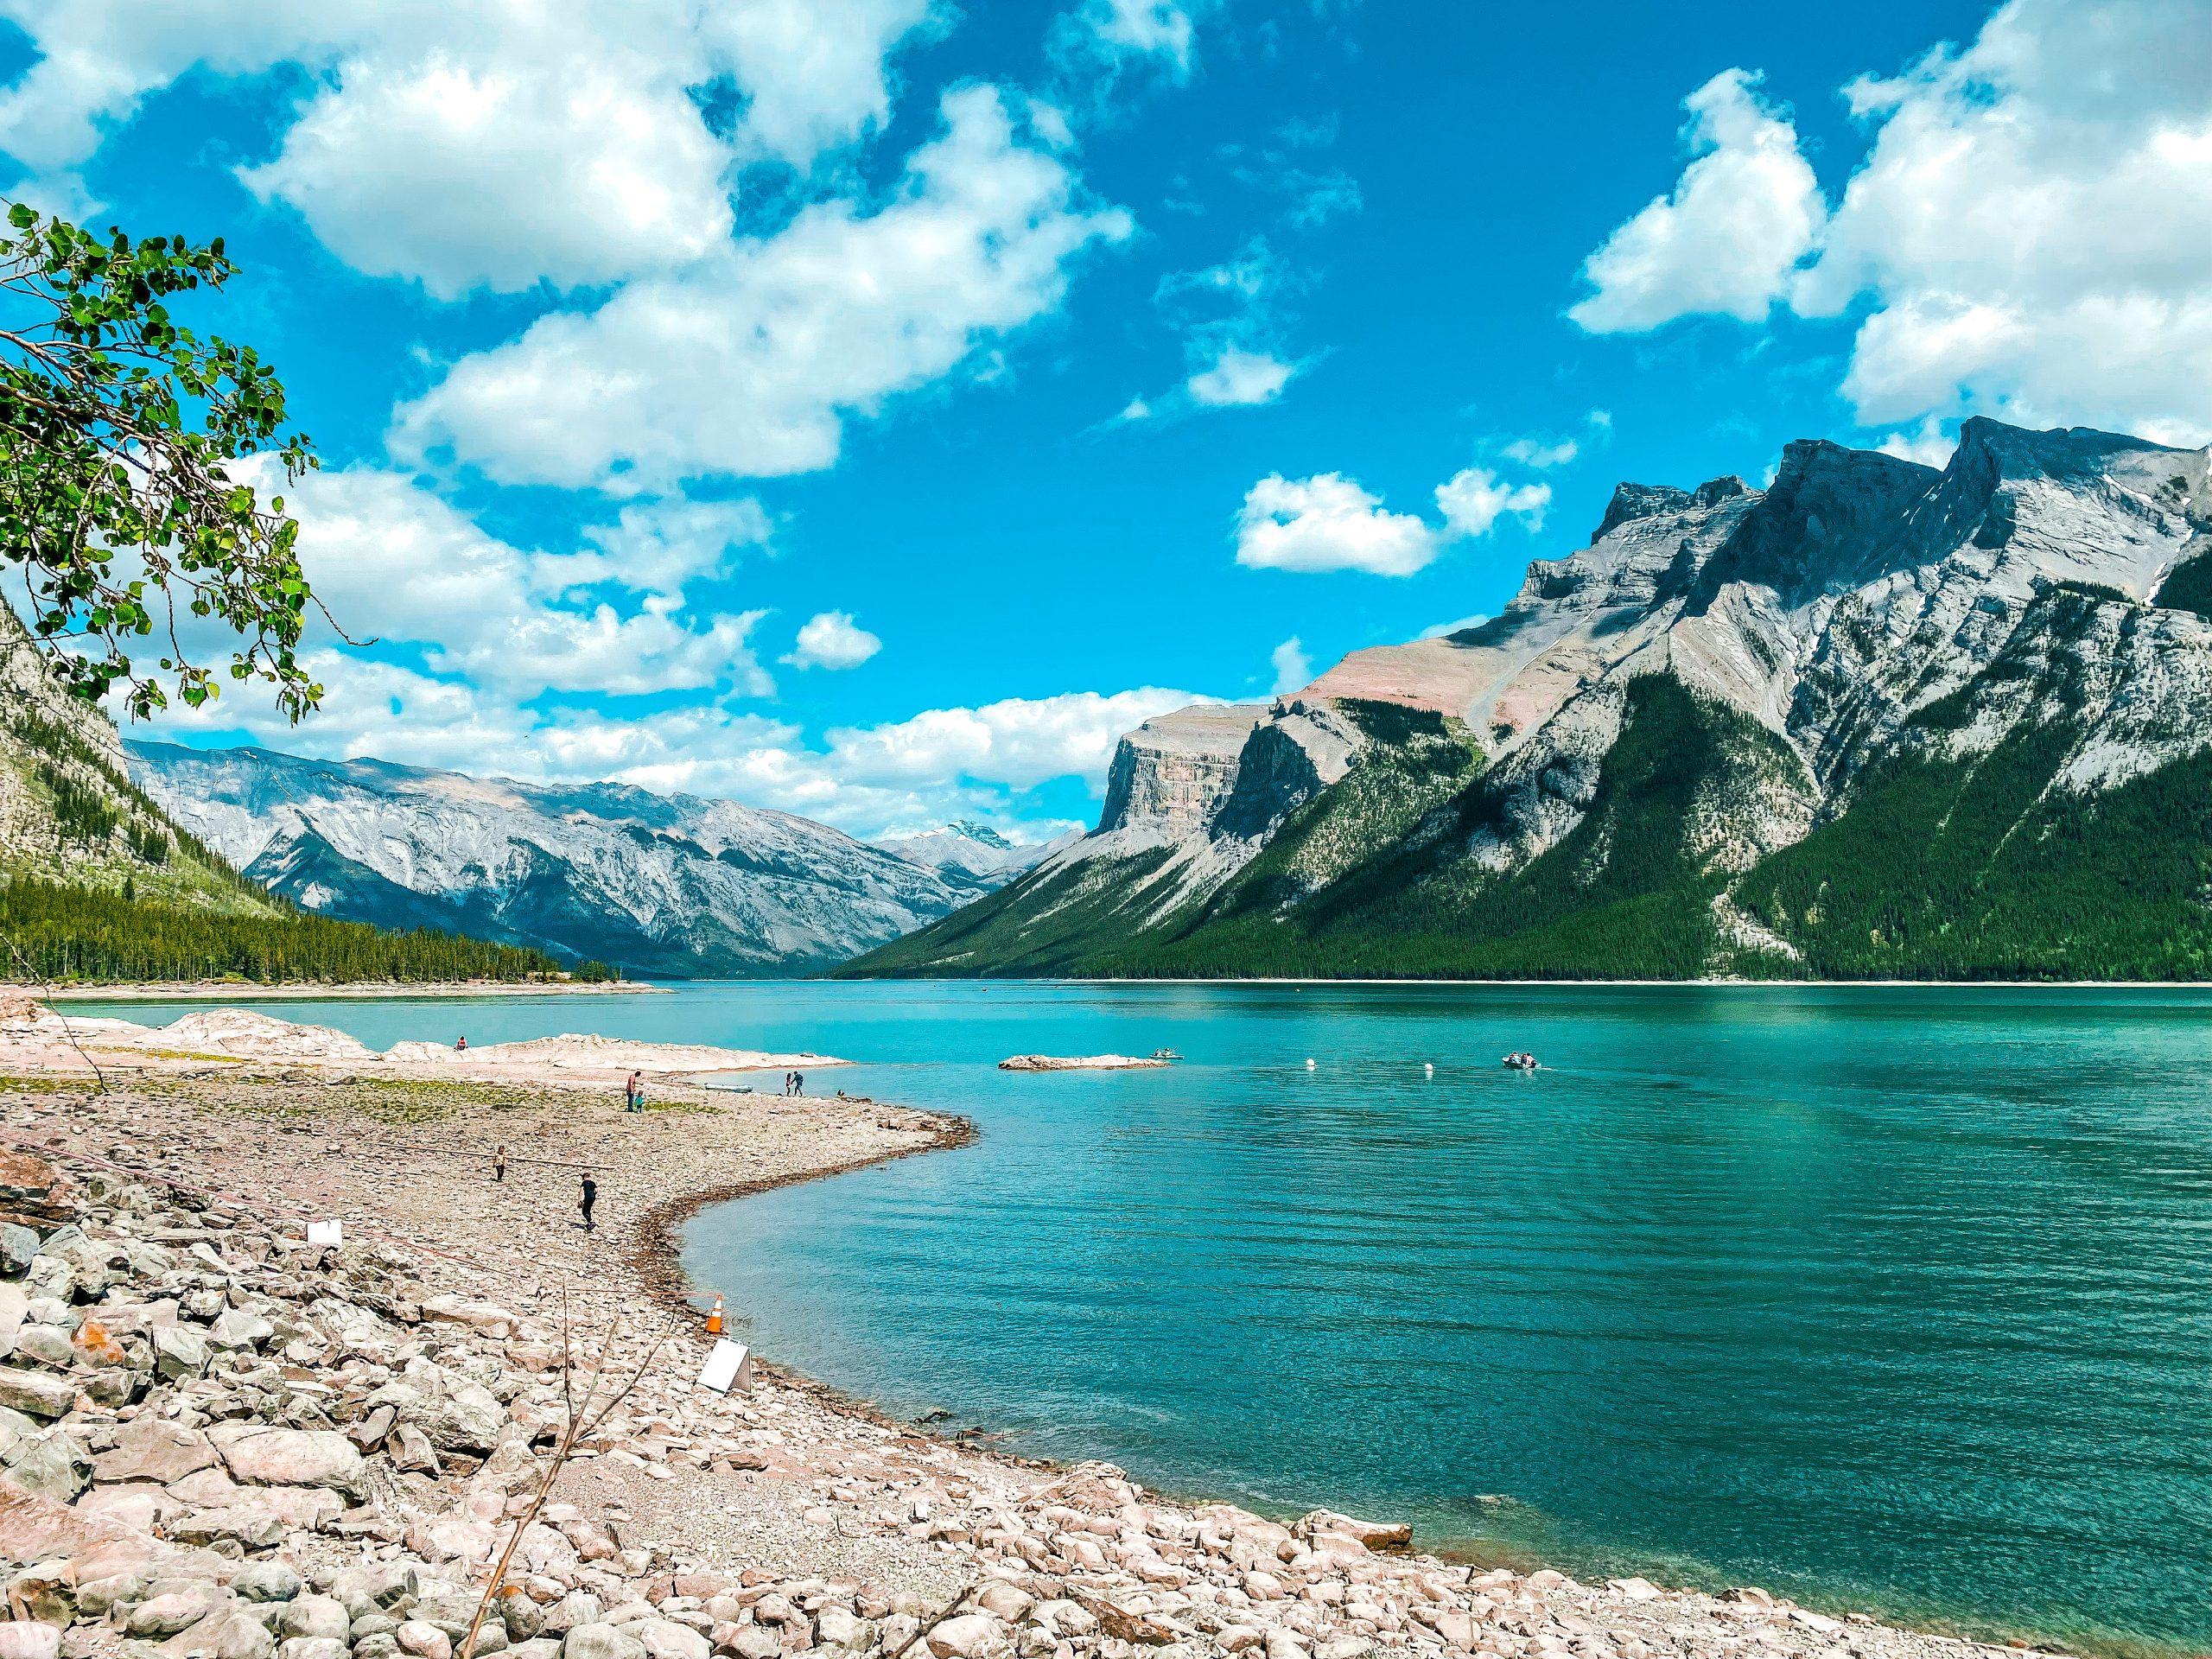 Lake Minnewanka, Banff, Alberta